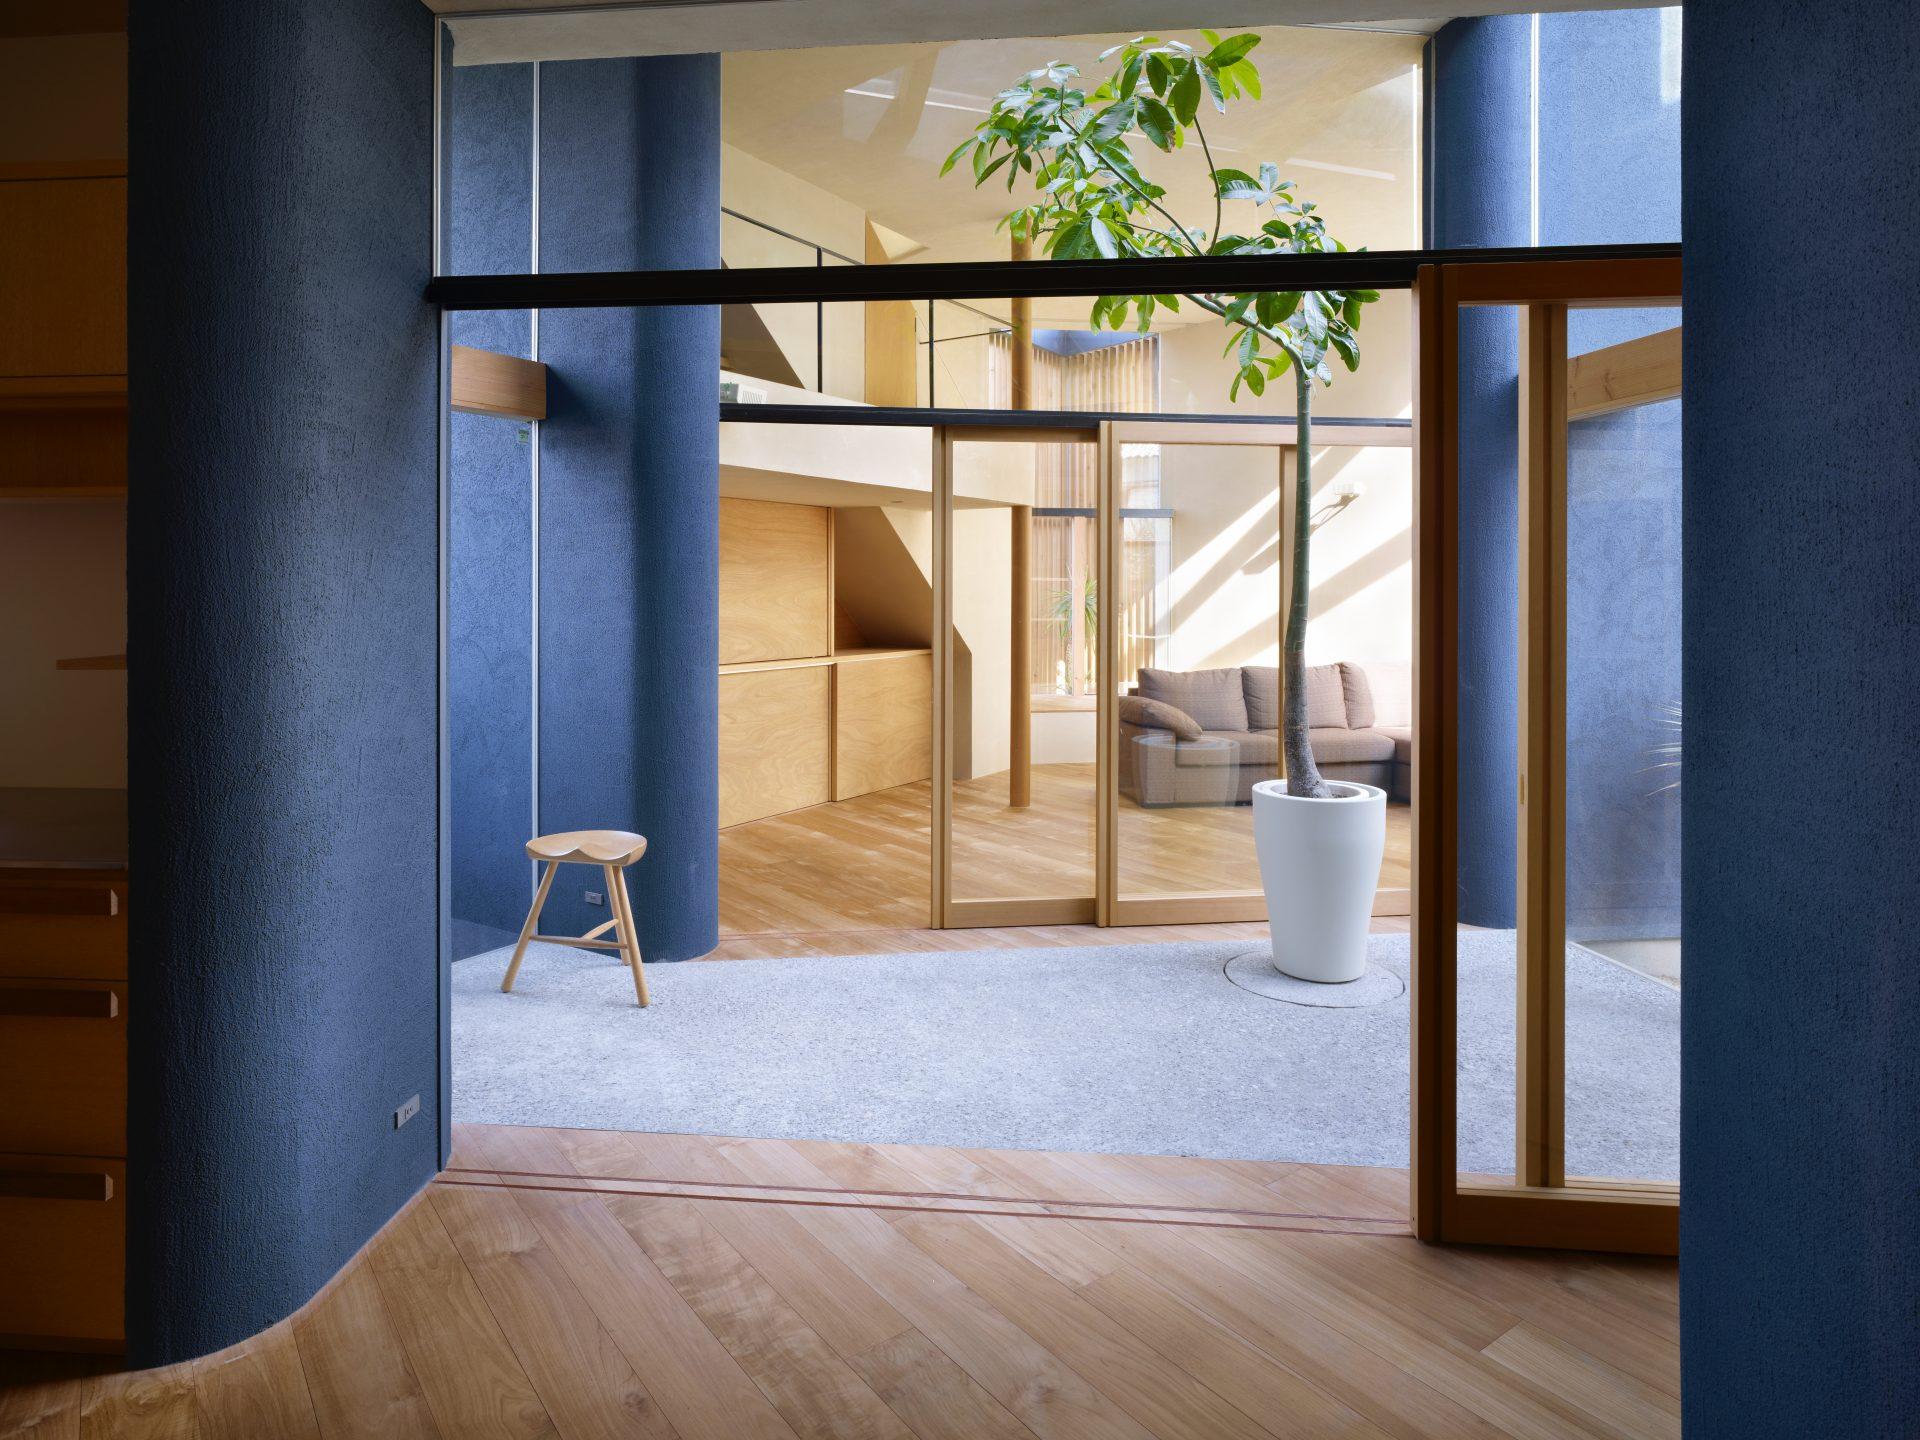 大阪上野芝の家のダイニングキッチン01